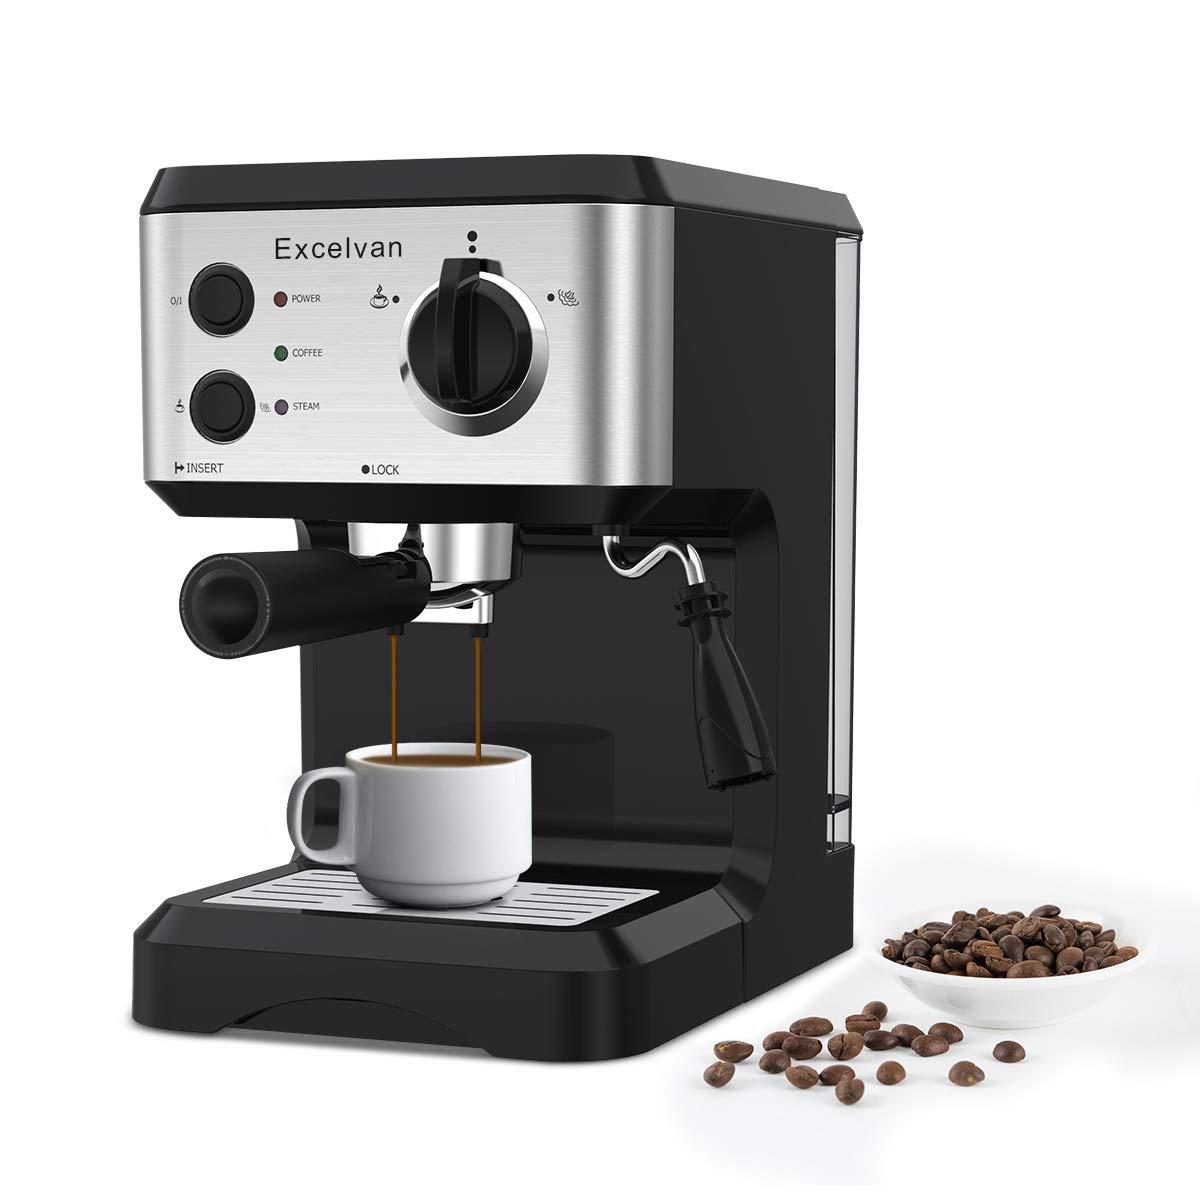 Caffettiera Excevan Macchina per Caffe Espresso e Cappuccino Latte Pompa Italiana 15 bar con imbuto metallico amovibile 1.25L, Nero Excelvan